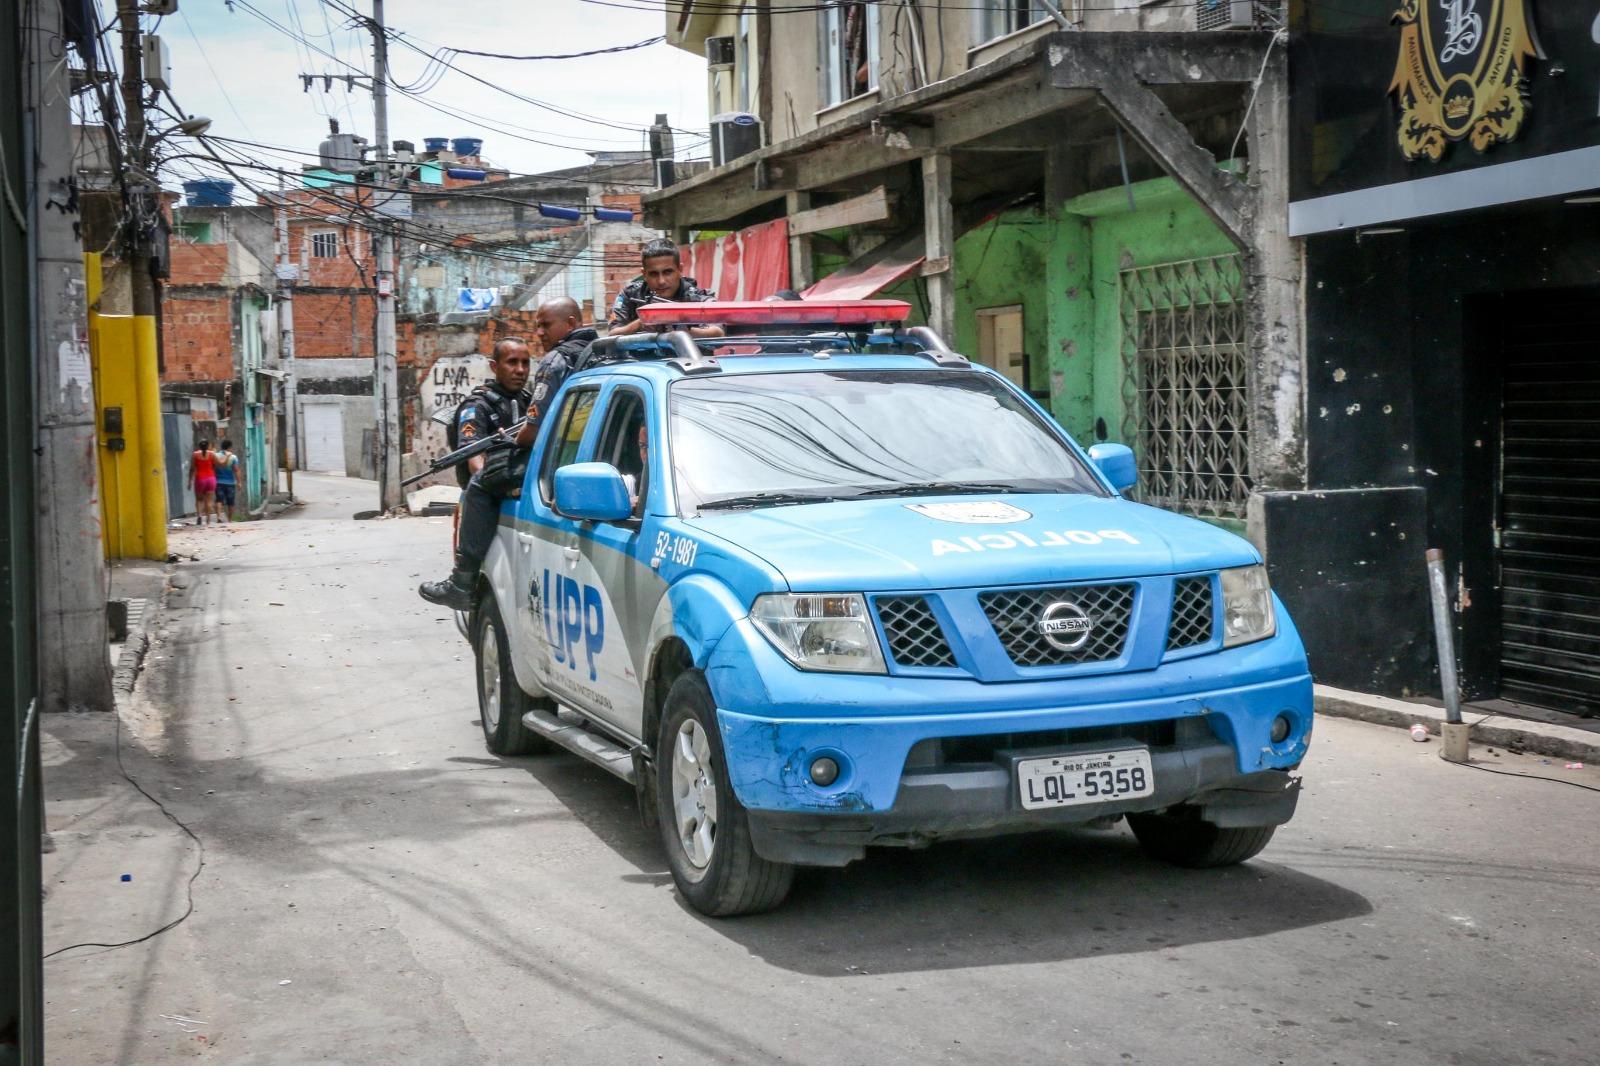 Comandante da UPP determina saída imediata de polícias de lajes de moradores da Praça do Samba